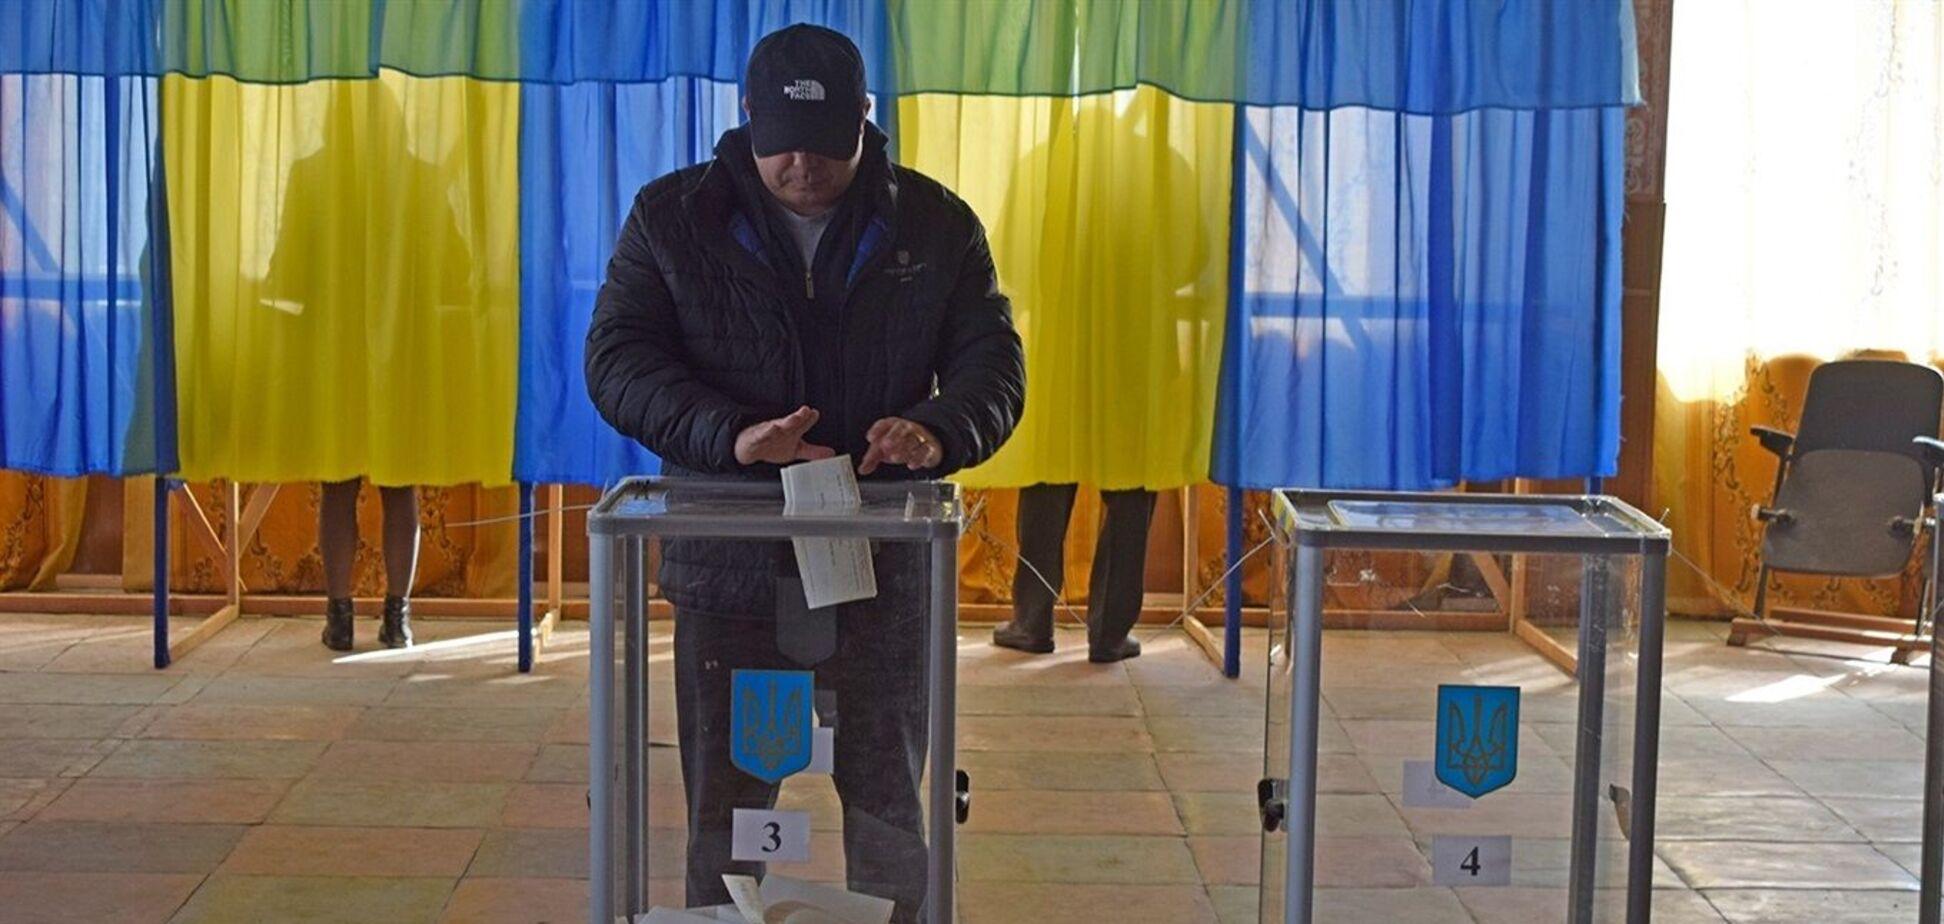 Скасування другого туру виборів може мати згубні наслідки, вважають в АМУ